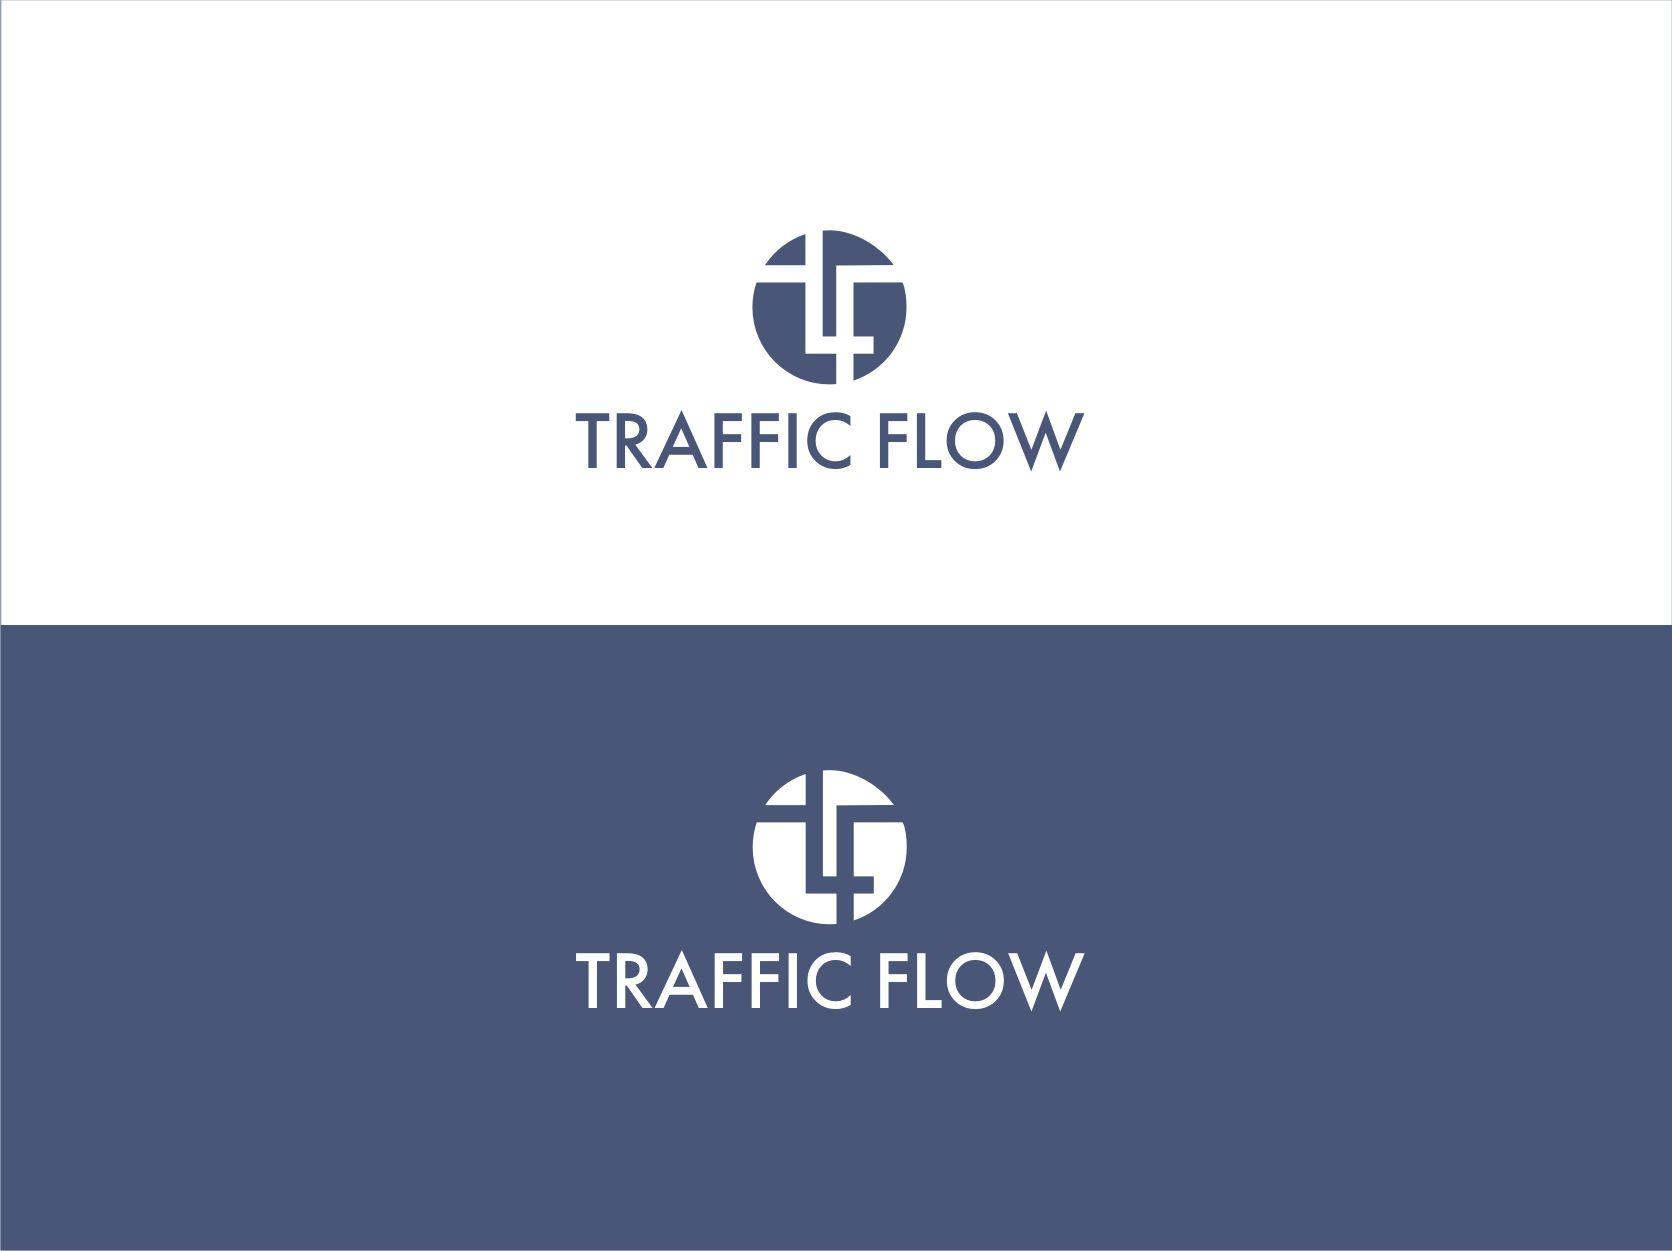 Лого и фирменный стиль для Traffic Flow - дизайнер vladim